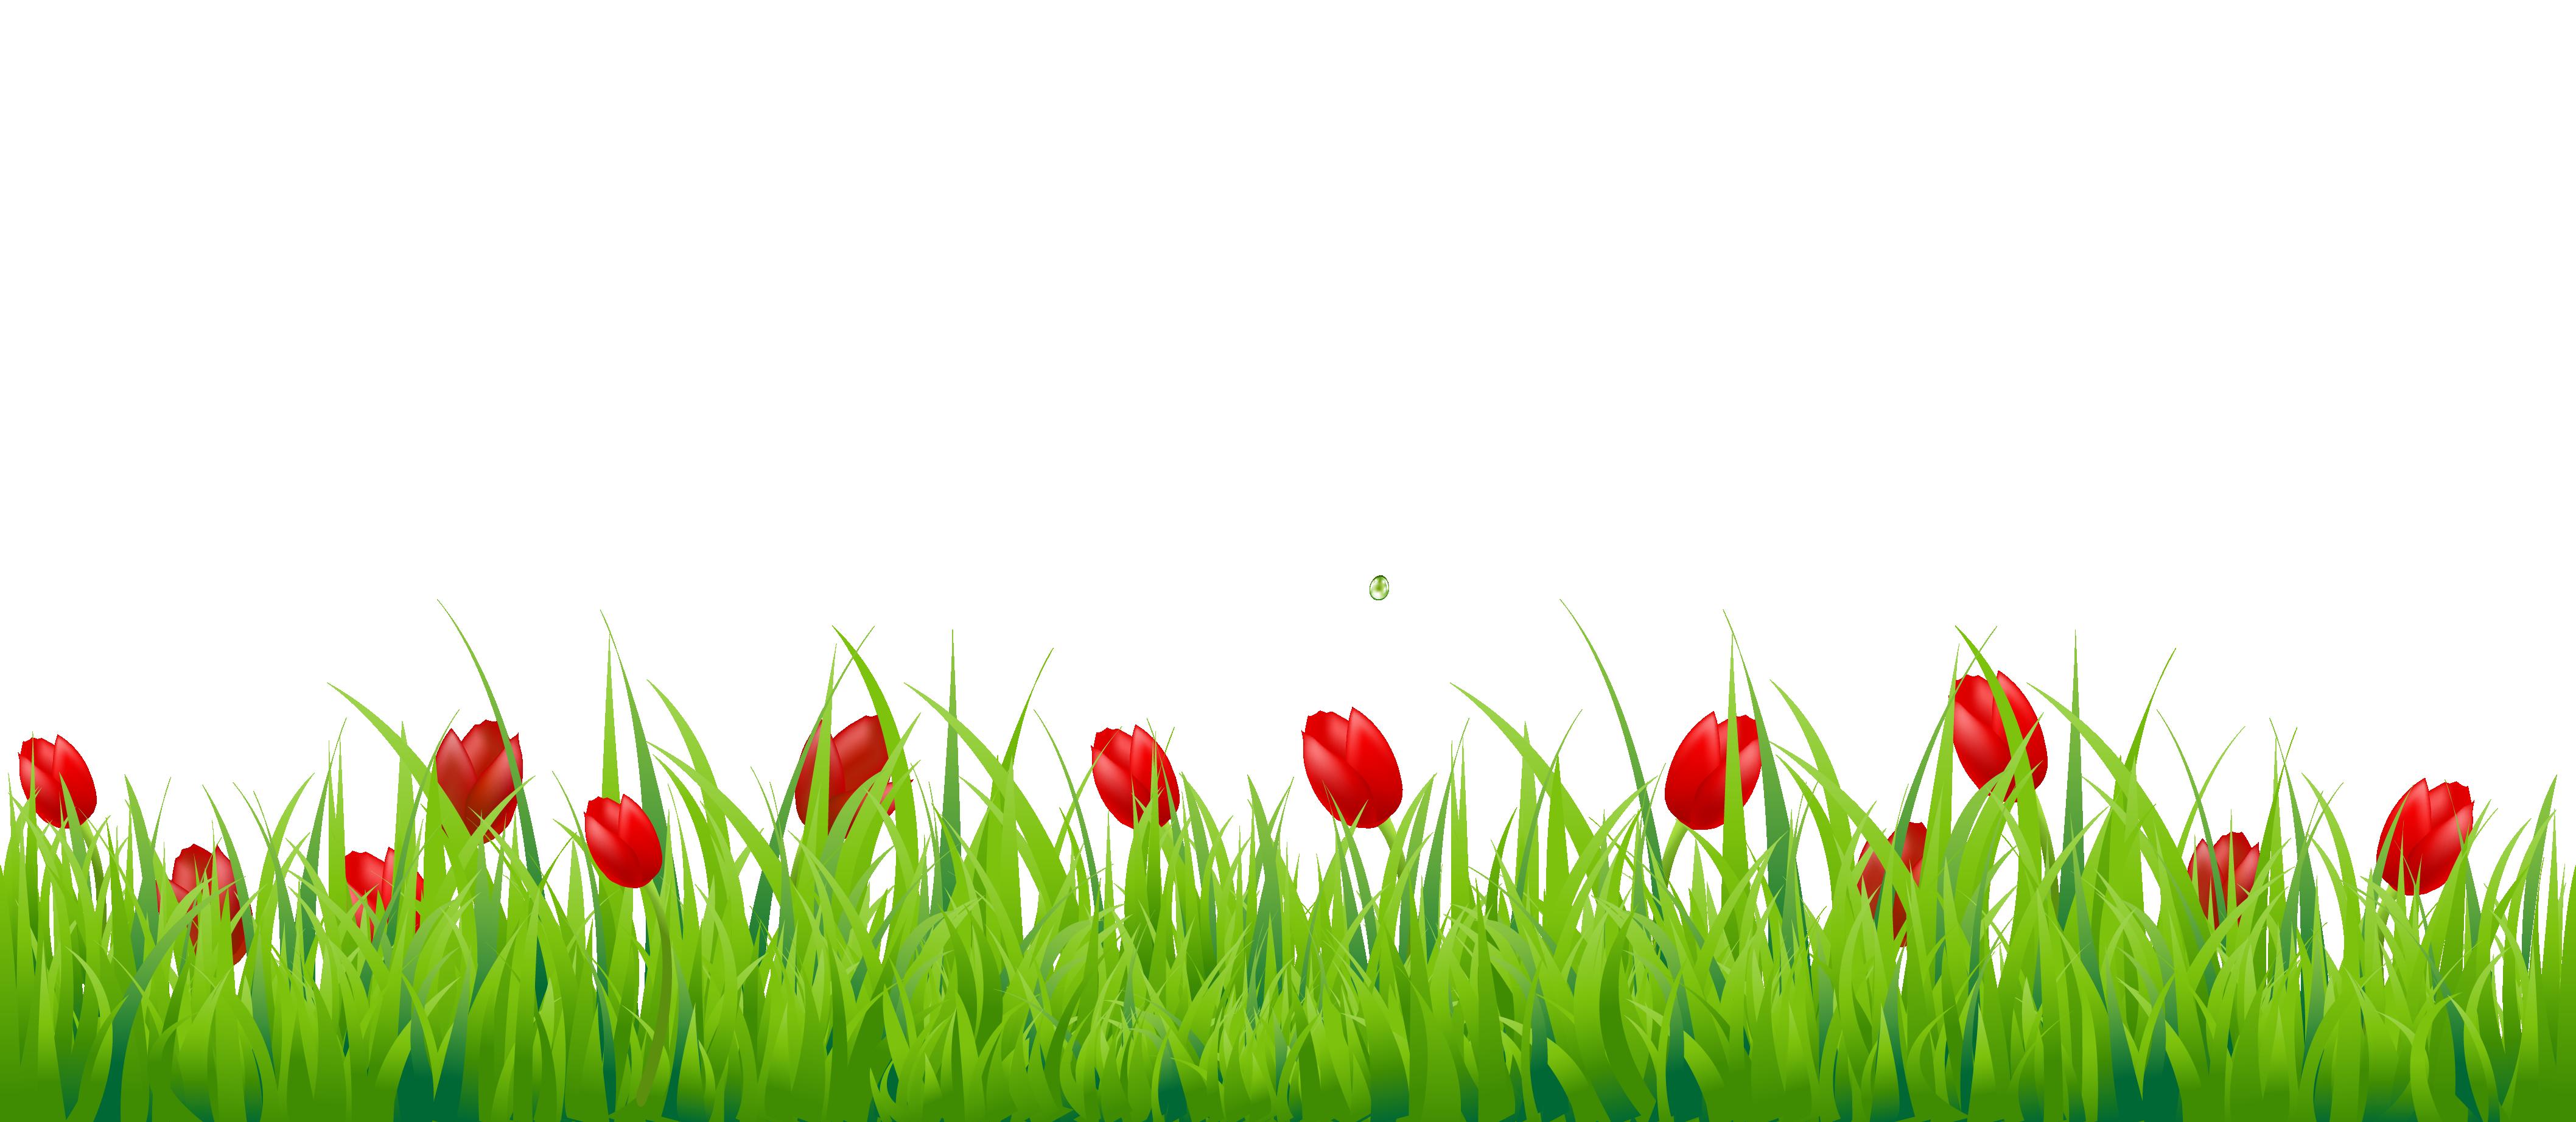 Grass PNG Transparent Image